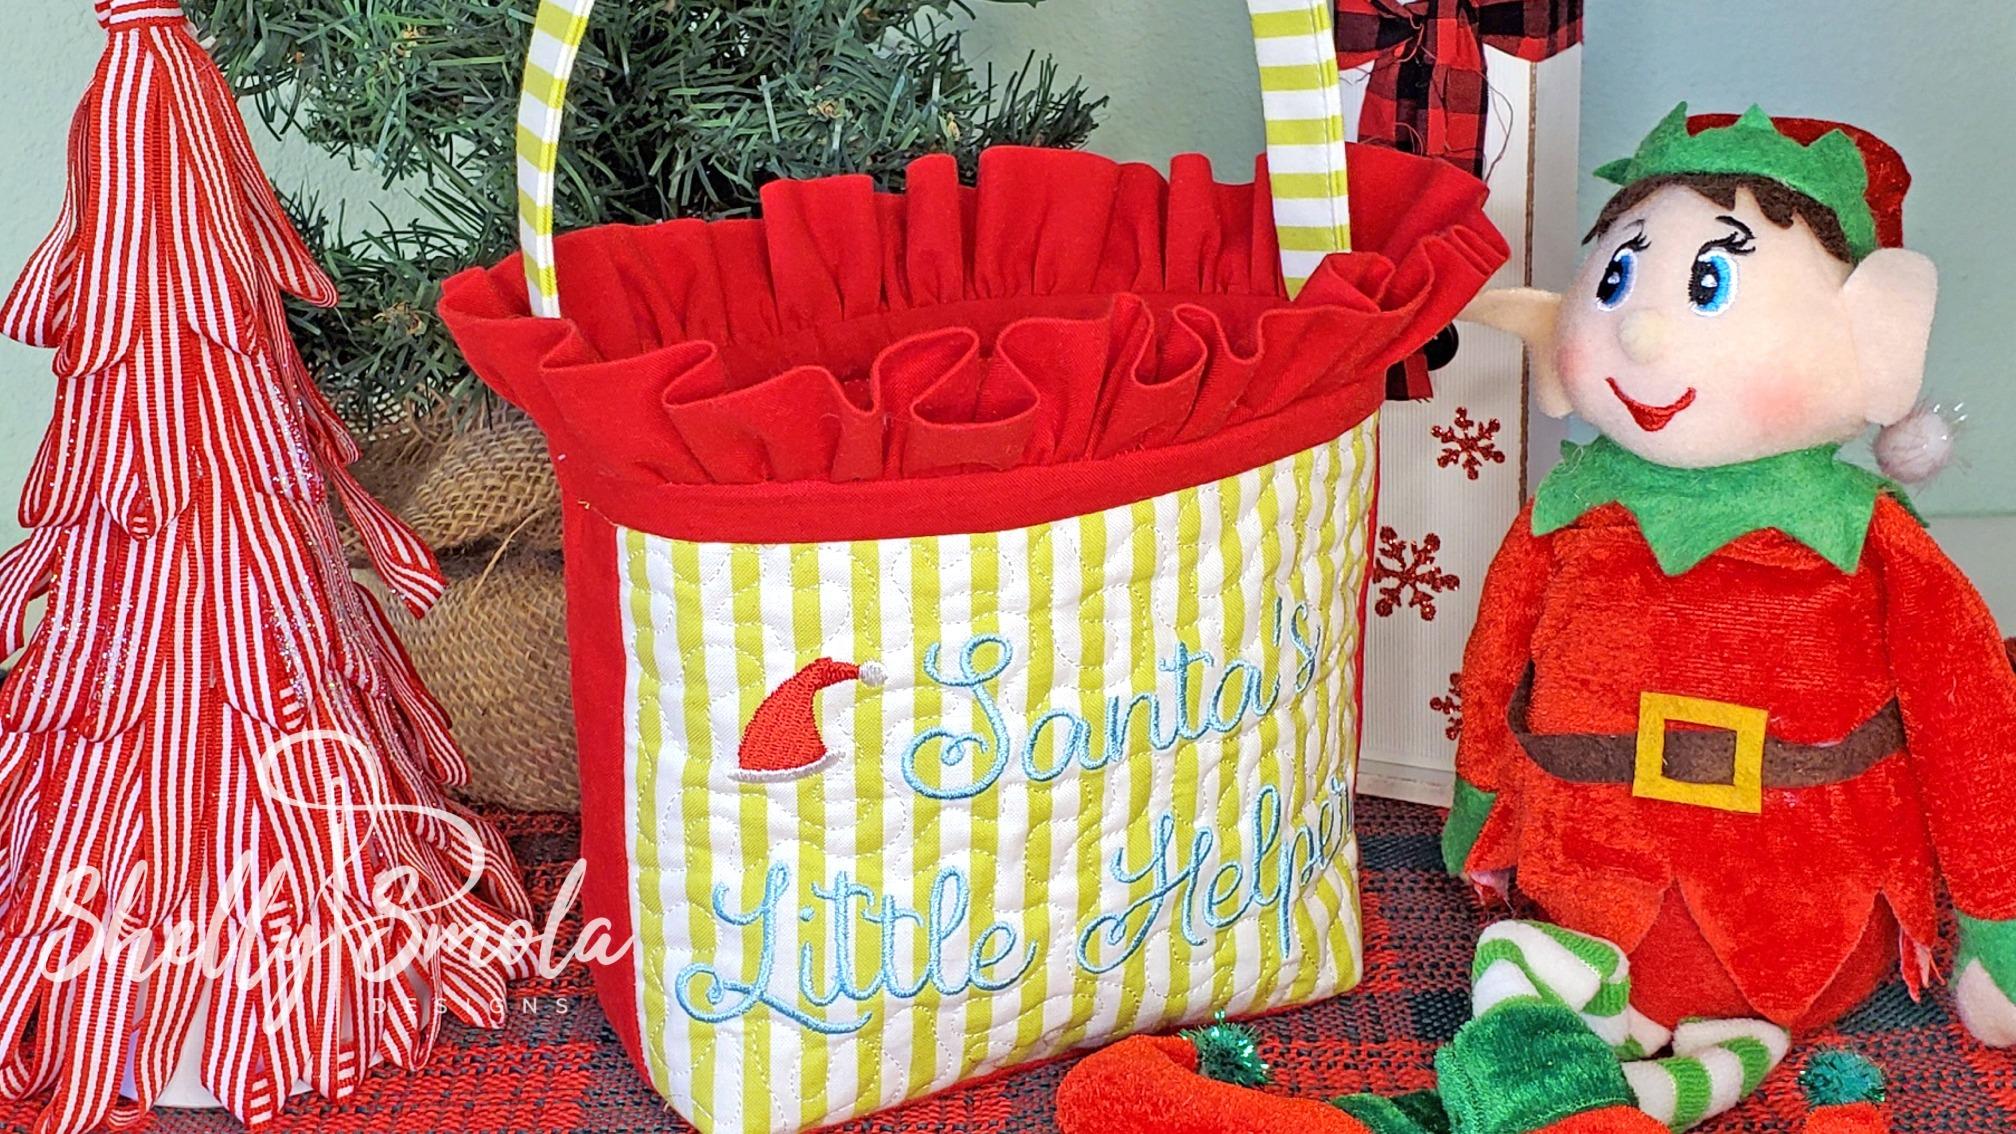 Santa's Little Helper by Shelly Smola